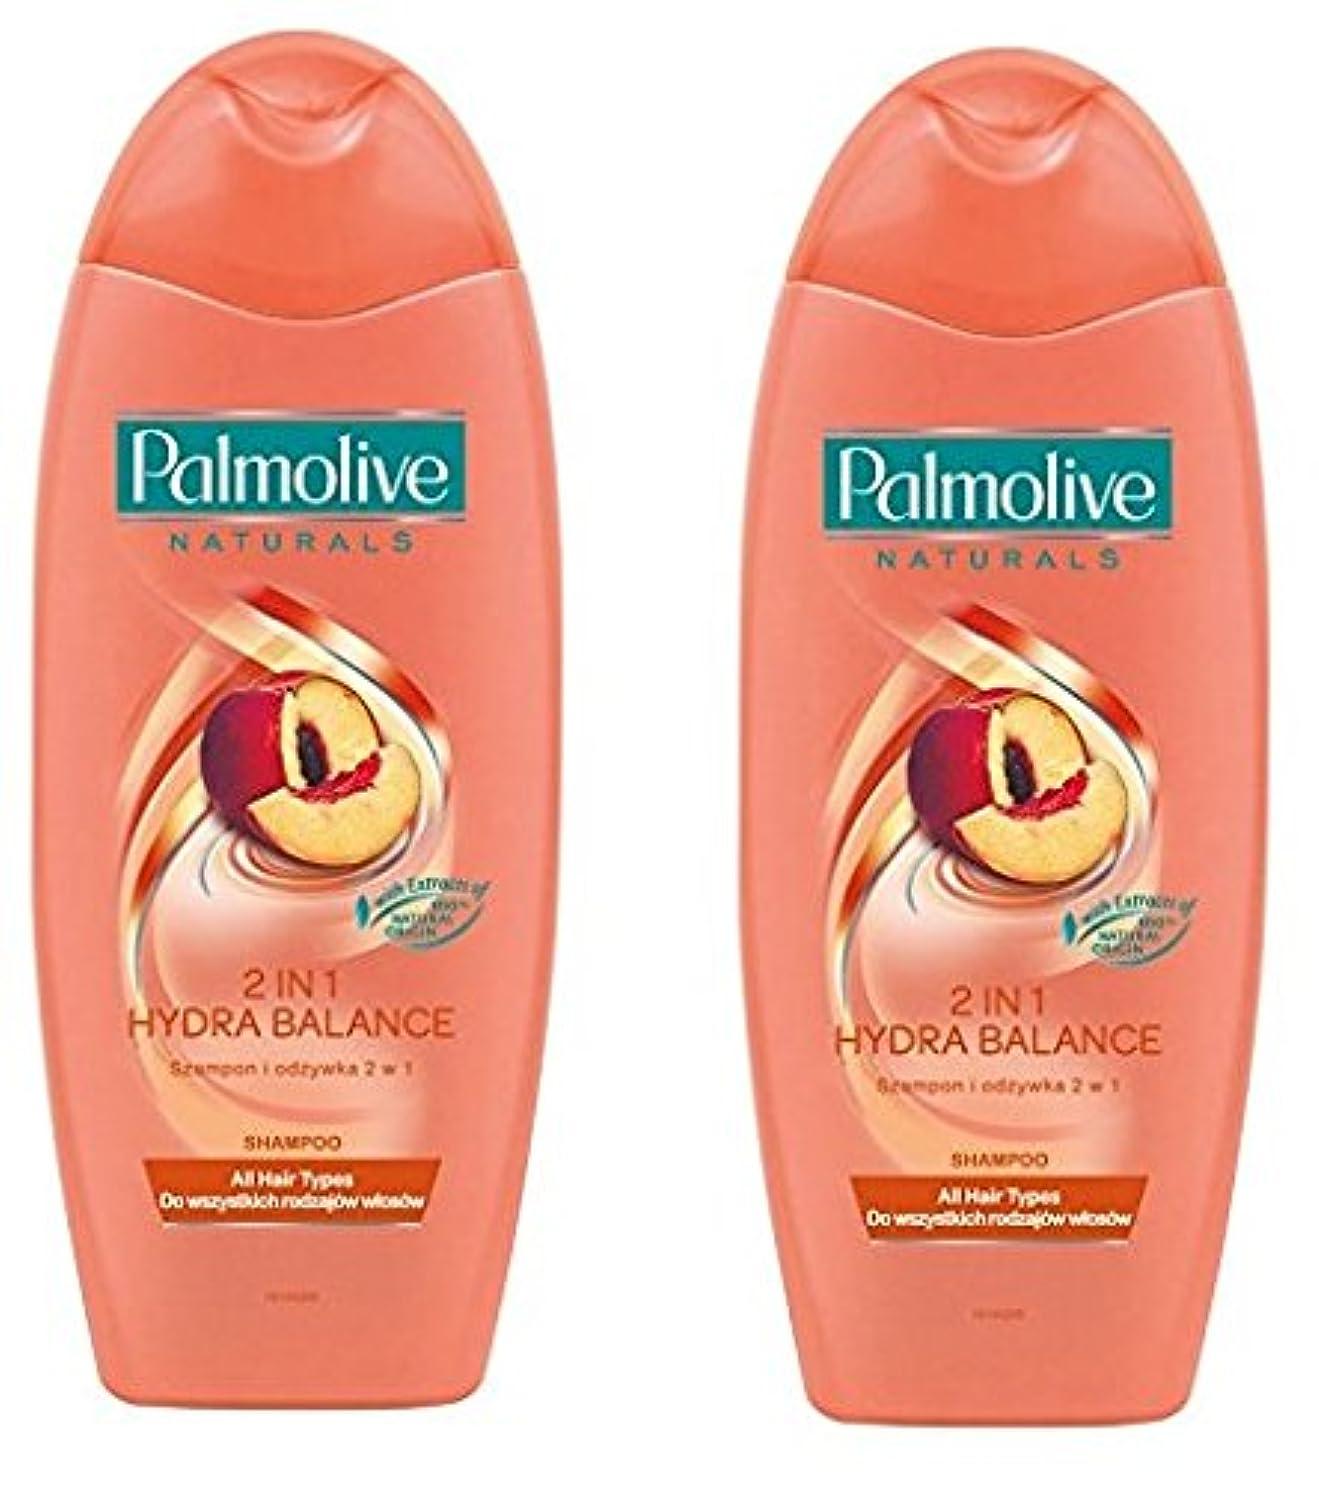 ビスケットスポット含意Palmolive Naturals Shampoo & Conditioner パルモティブシャンプーWコンディショナー ハイドロバランス 350ml 2個 [並行輸入品]